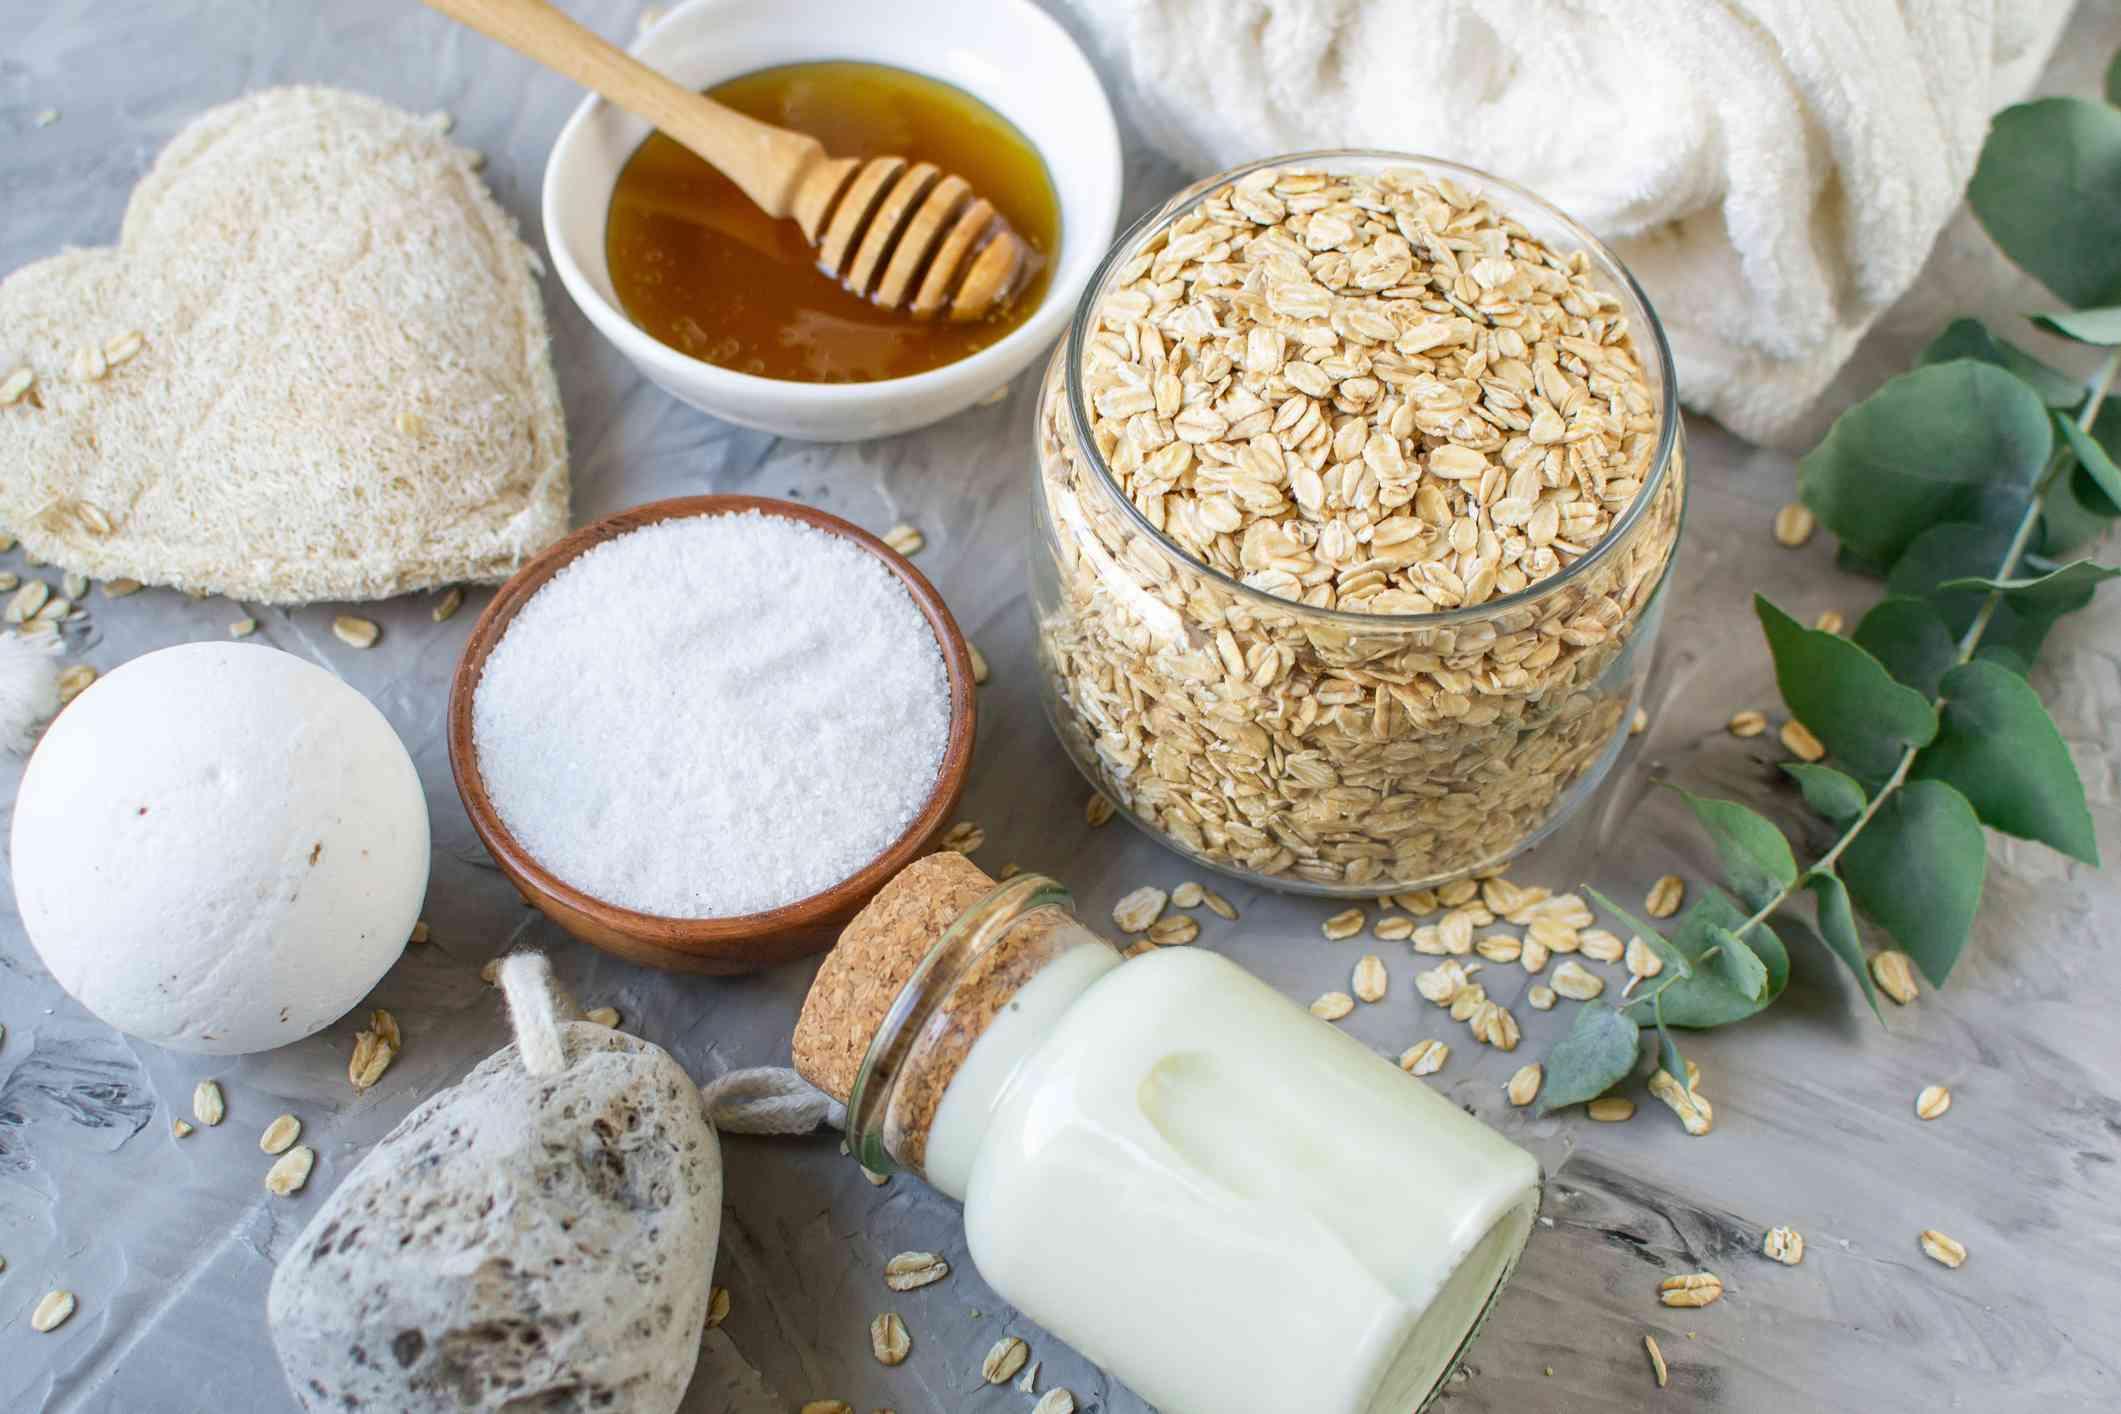 Oatmeal, salt and oil to make a scrub.